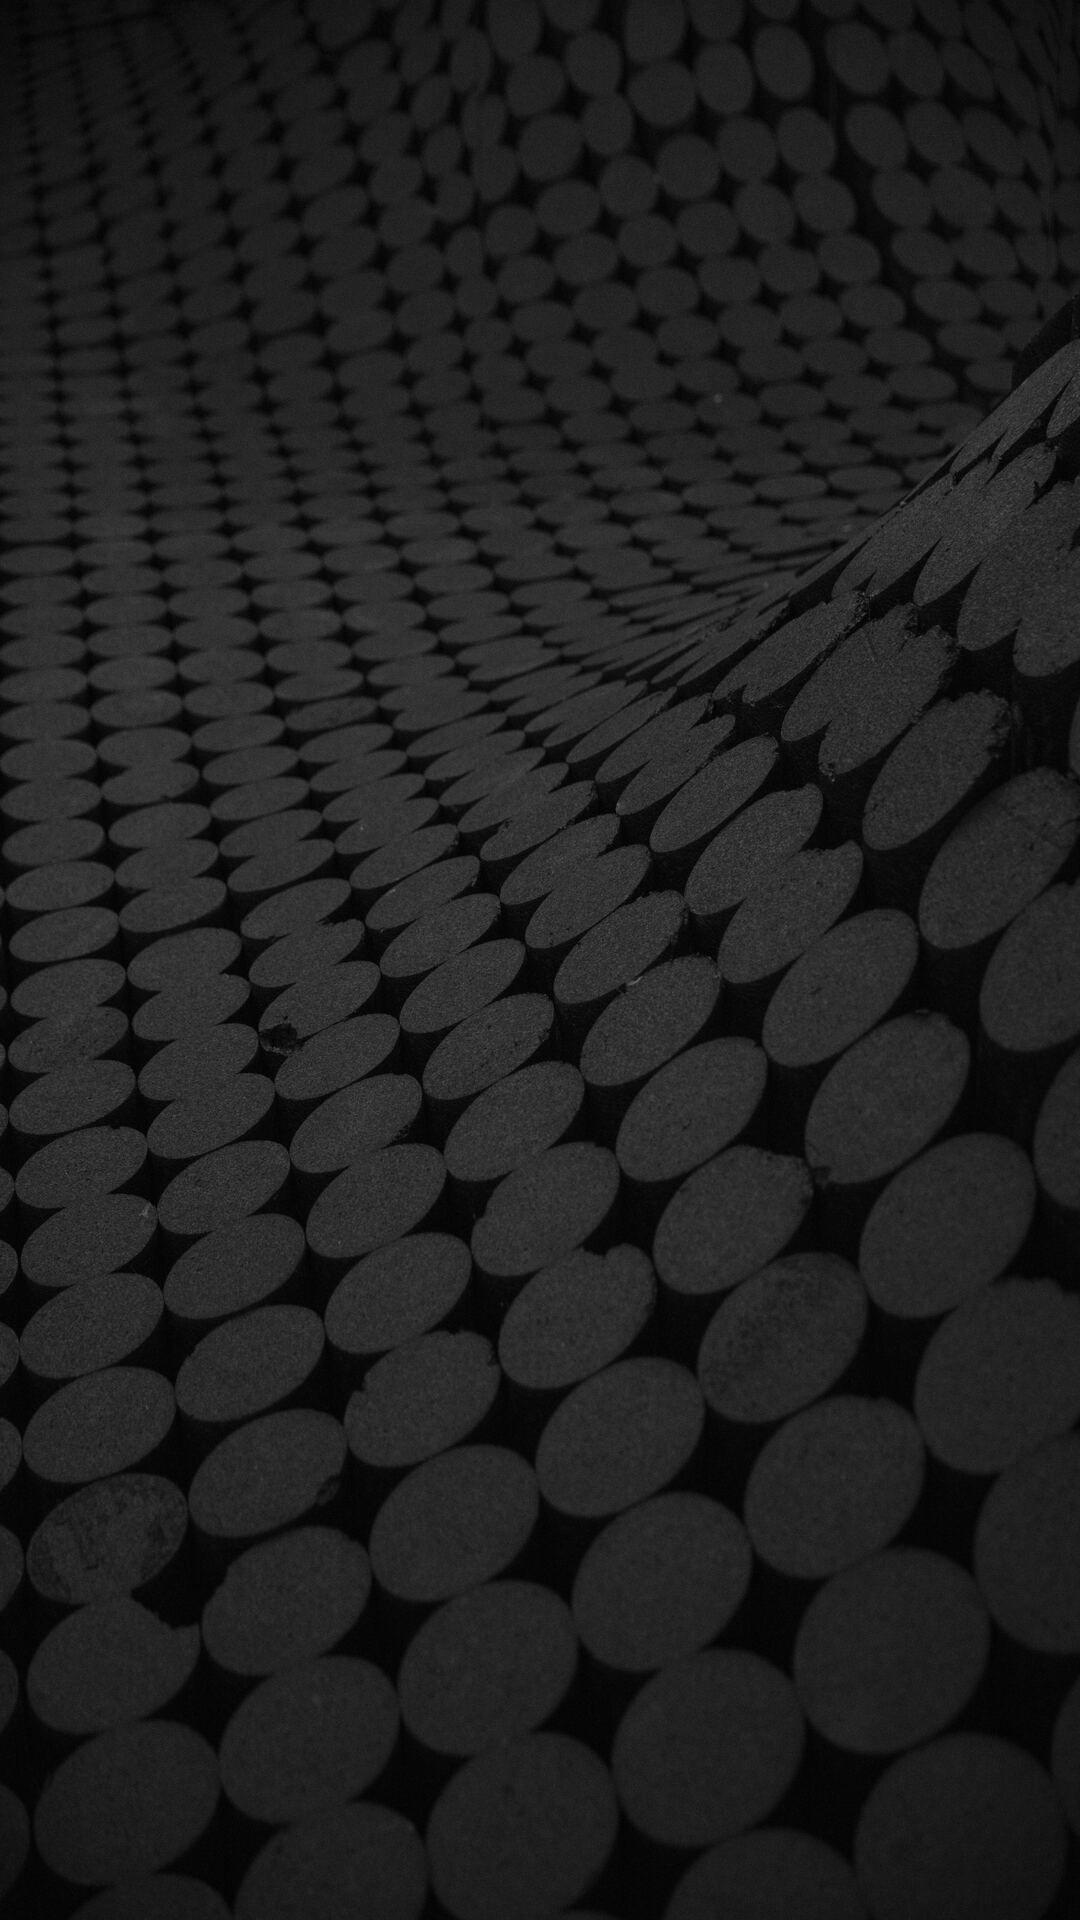 تحميل صور خلفيات مربع Black Wallpaper Iphone Black Wallpaper Black And White Pictures